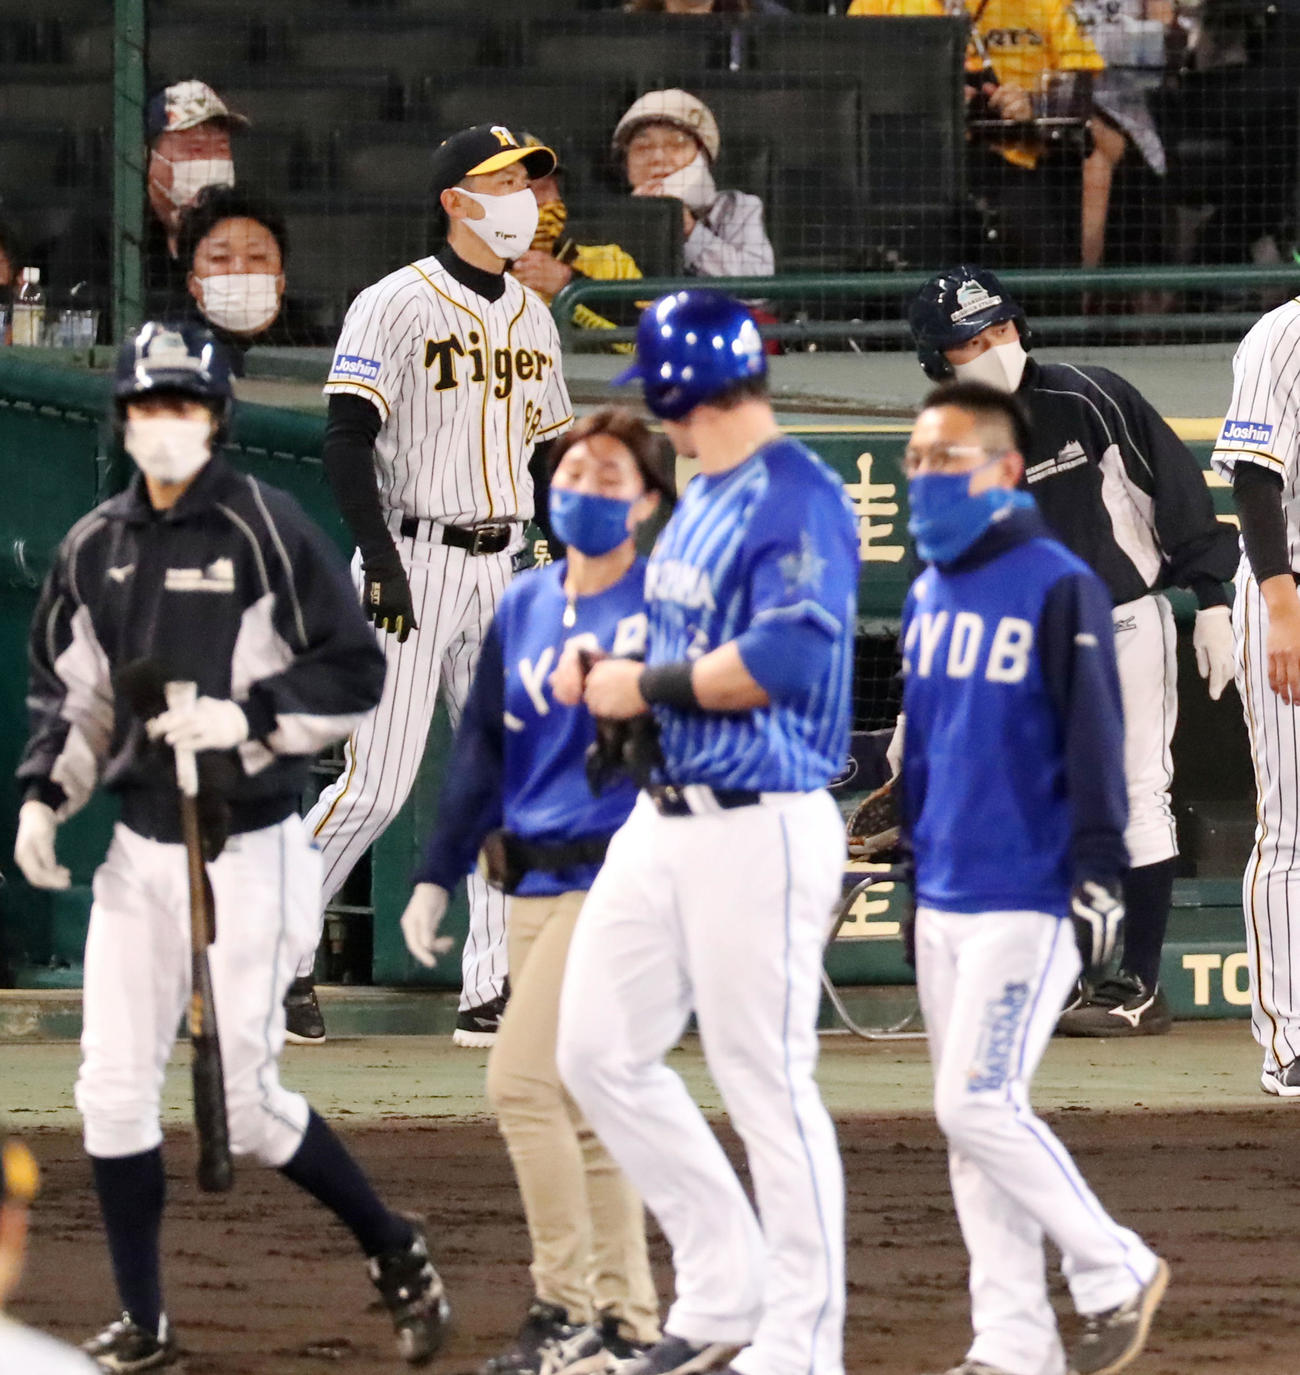 阪神対DeNA 5回表DeNA無死、矢野監督はオースティンに死球を与えた藤浪の交代を告げる(撮影・加藤哉)